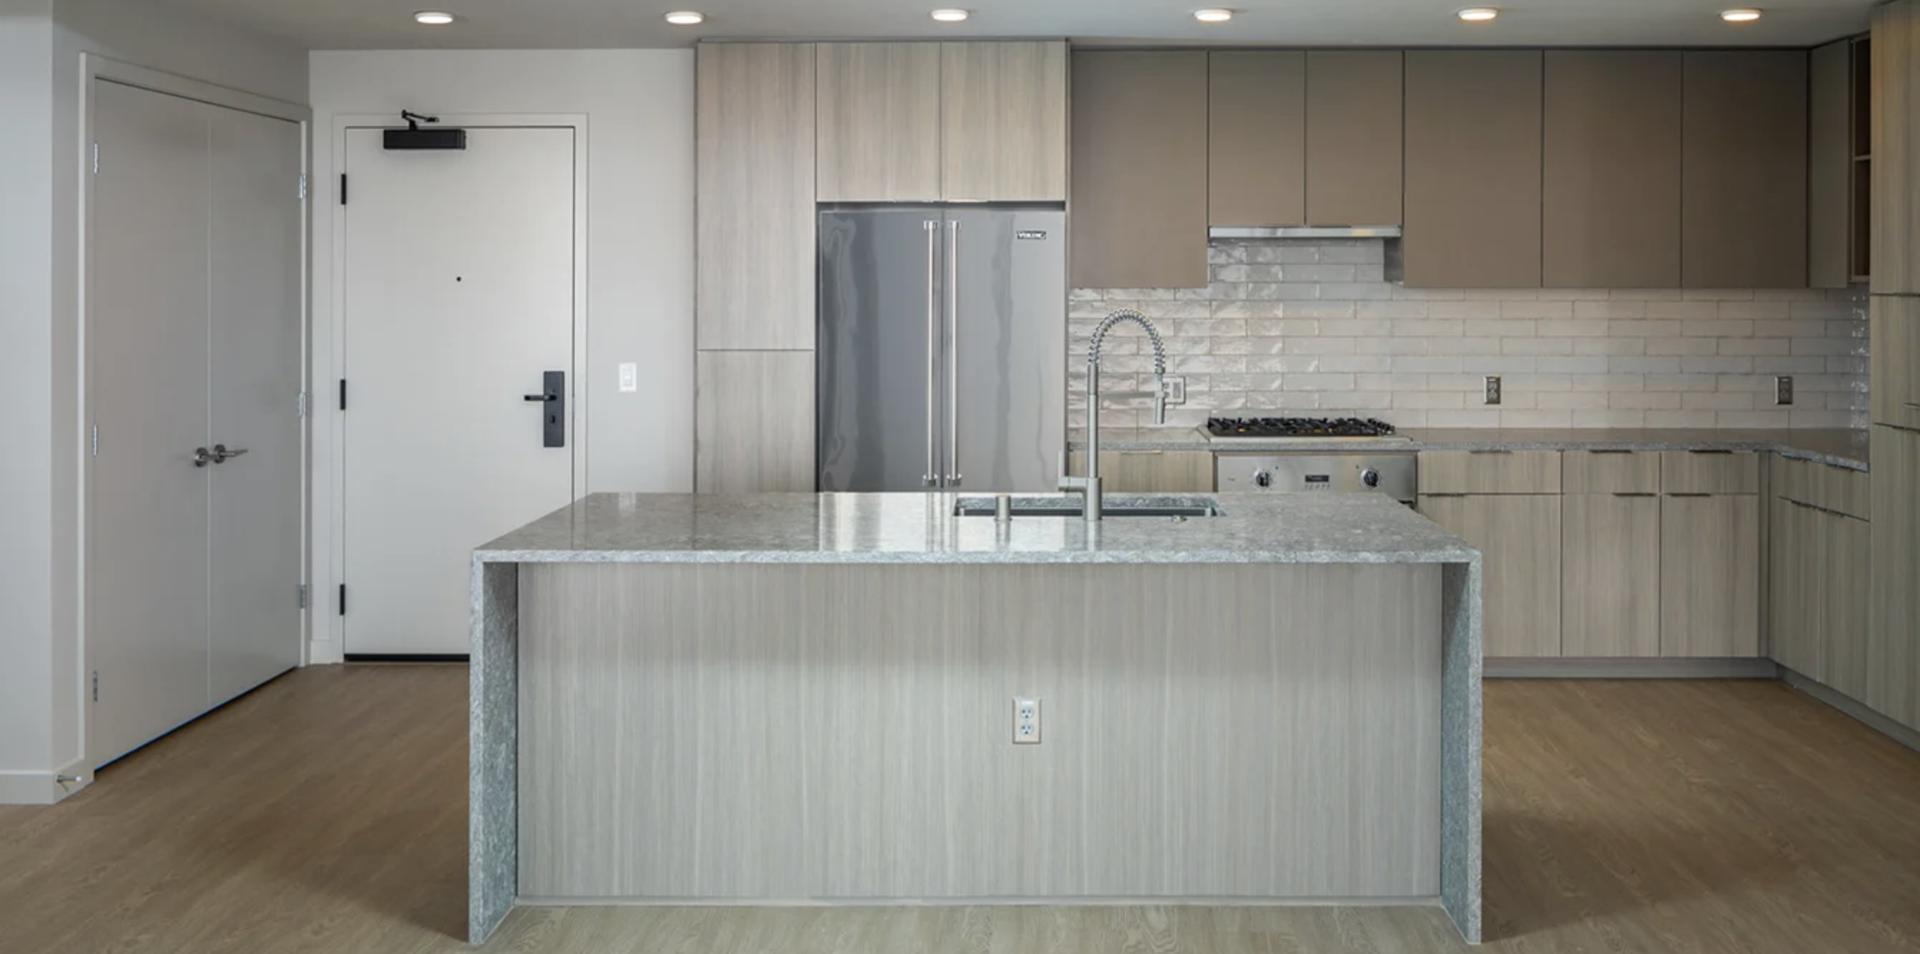 601 11th Avenue #0612, San Diego, CA - $4,645 USD/ month